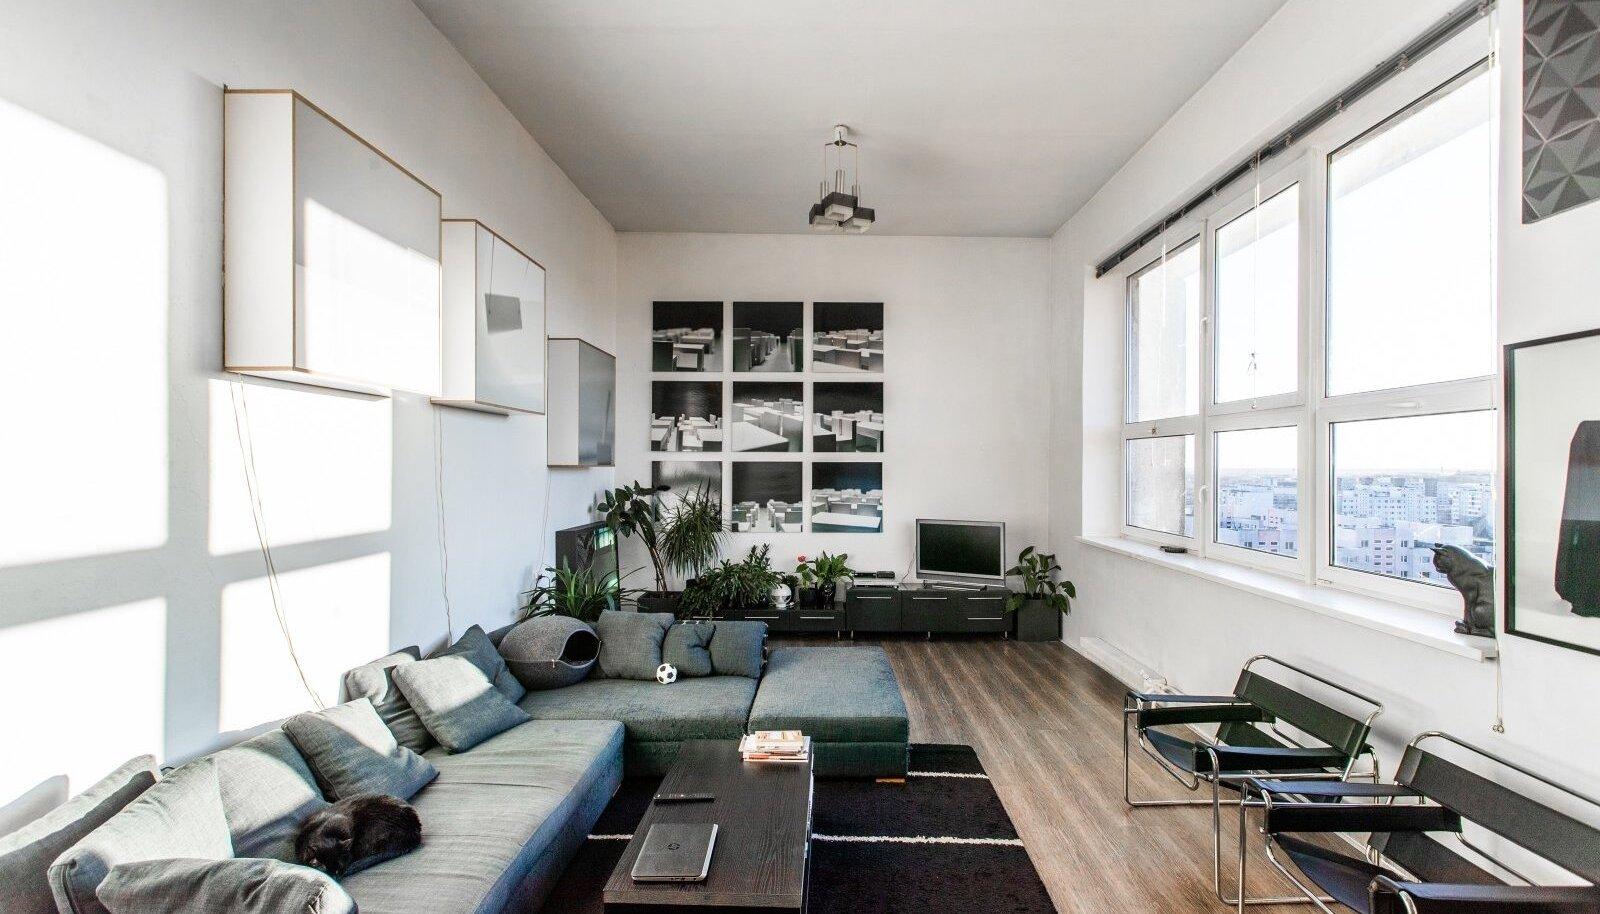 Nelja meetri kõrgusse kunagisse ateljeesse on sisse seatud elutuba. Selle tohutul aknal kasvatab aiapidamist nautiv Elin kevaditi kasvuhoone jaoks tomatitaimi.